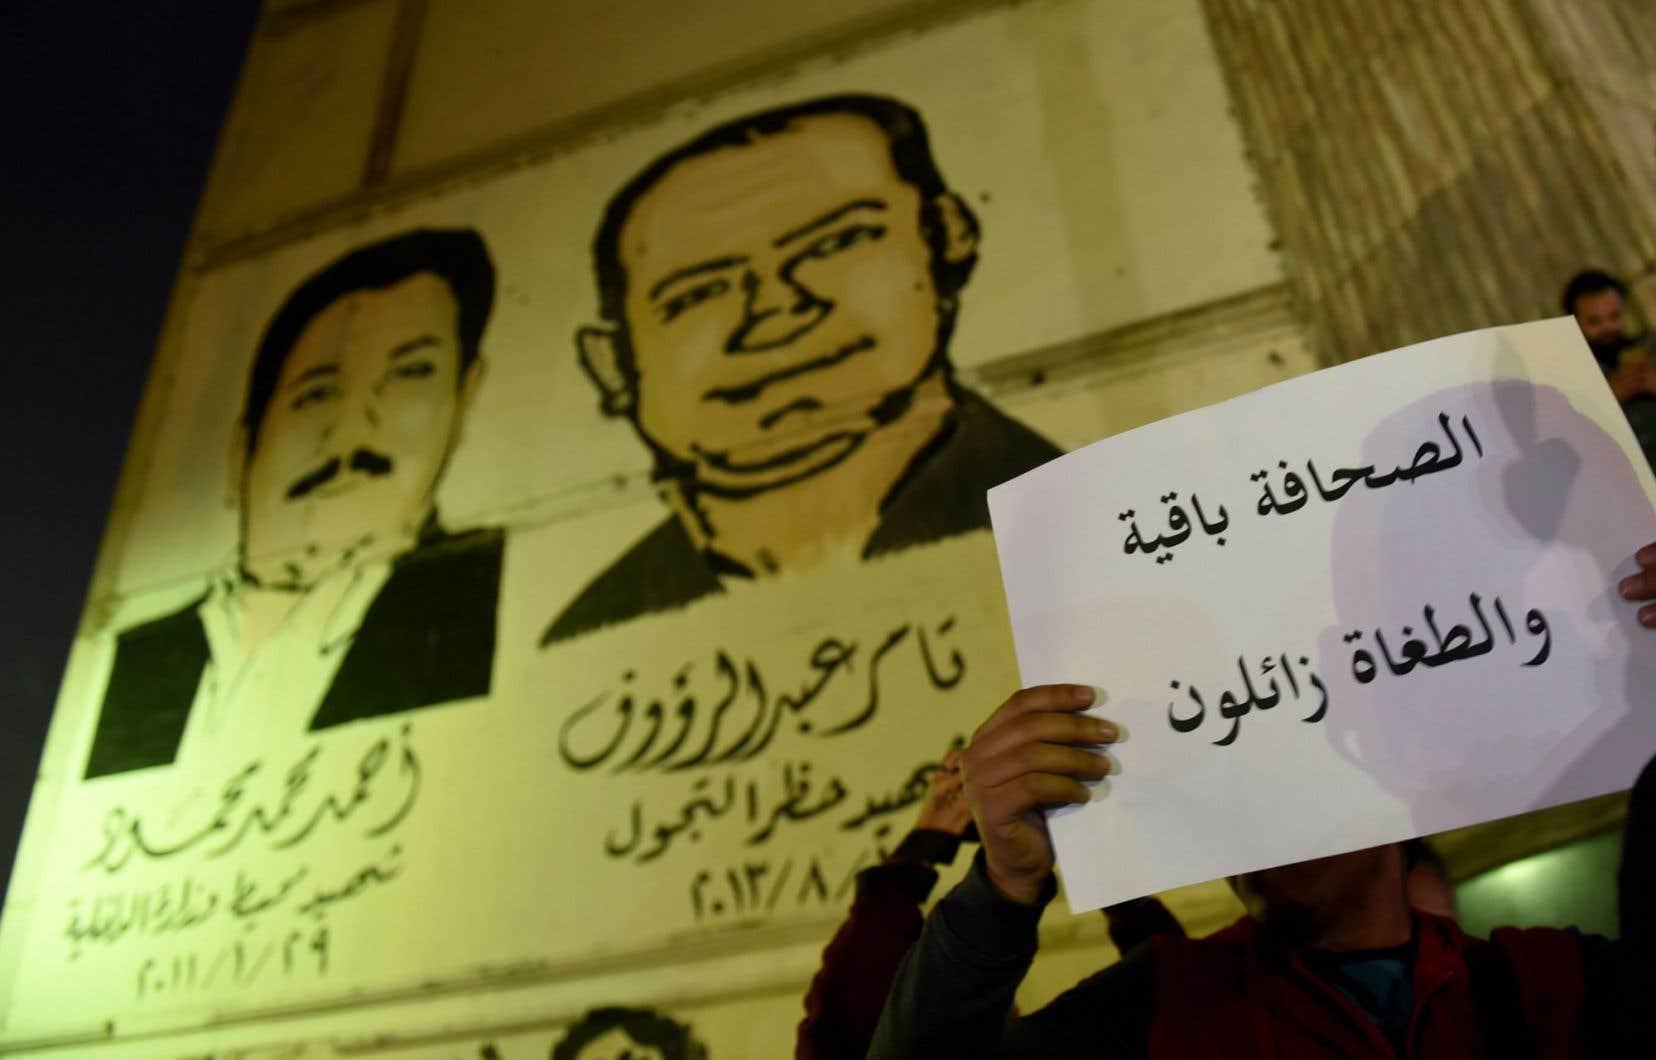 Un journaliste tient une feuille sur laquelle on peut lire «Le journaliste reste et les tyrans sont sur le point de disparaitre», le 19 novembre 2016, au Caire, en Égypte.